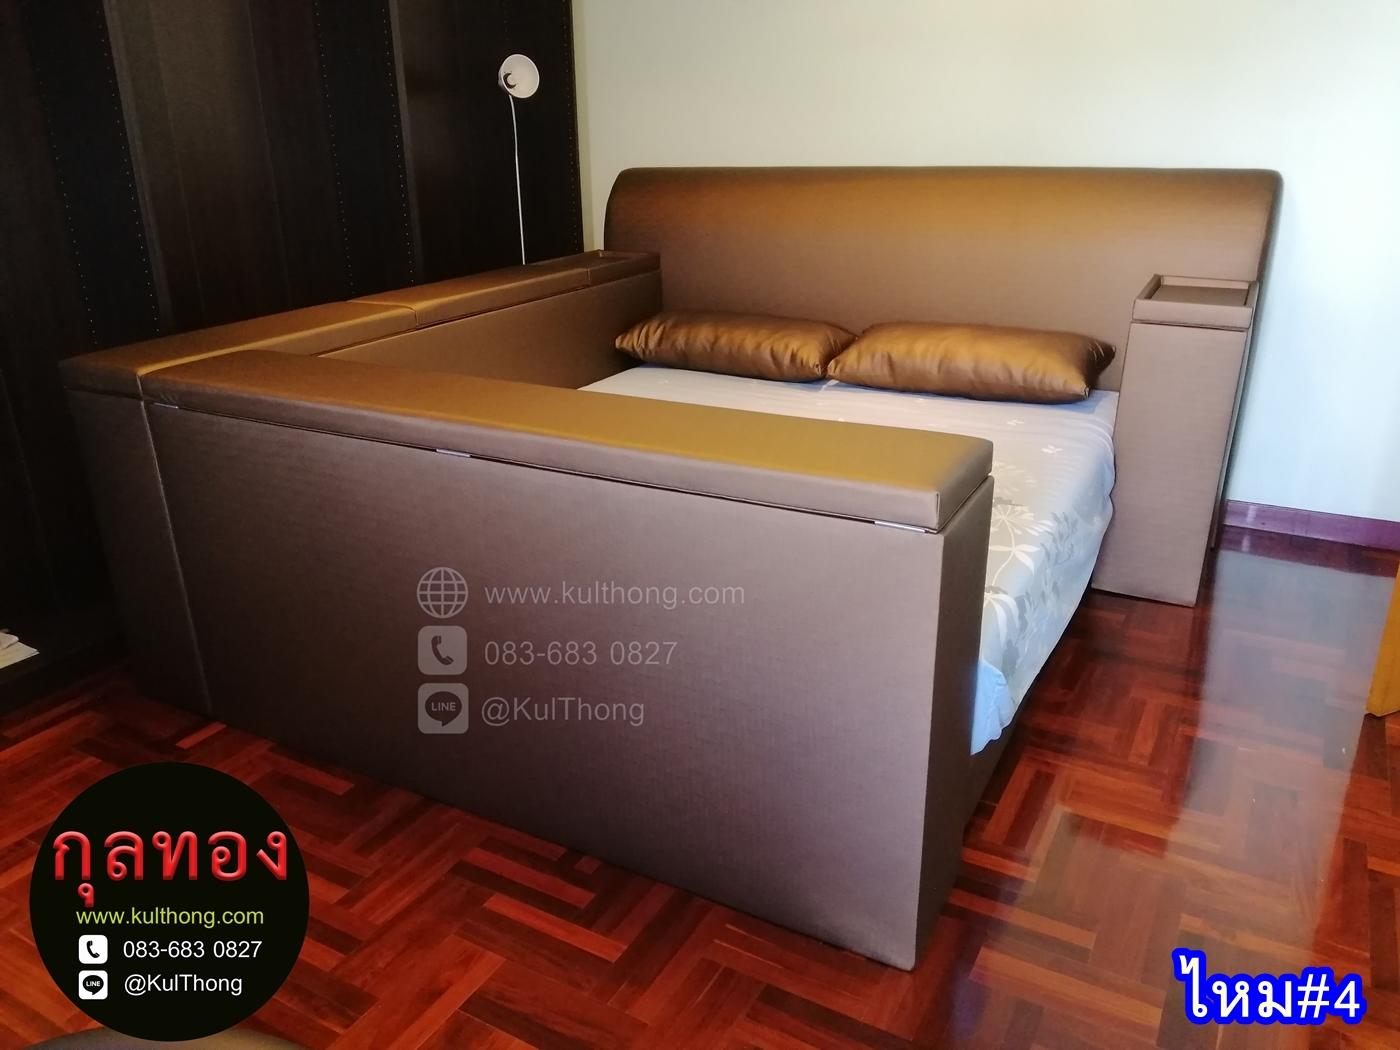 เตียงกล่อง เตียงญี่ปุ่น เตียงกล่องเก็บของ เตียงมีกล่องรอบฐาน เตียงเซน